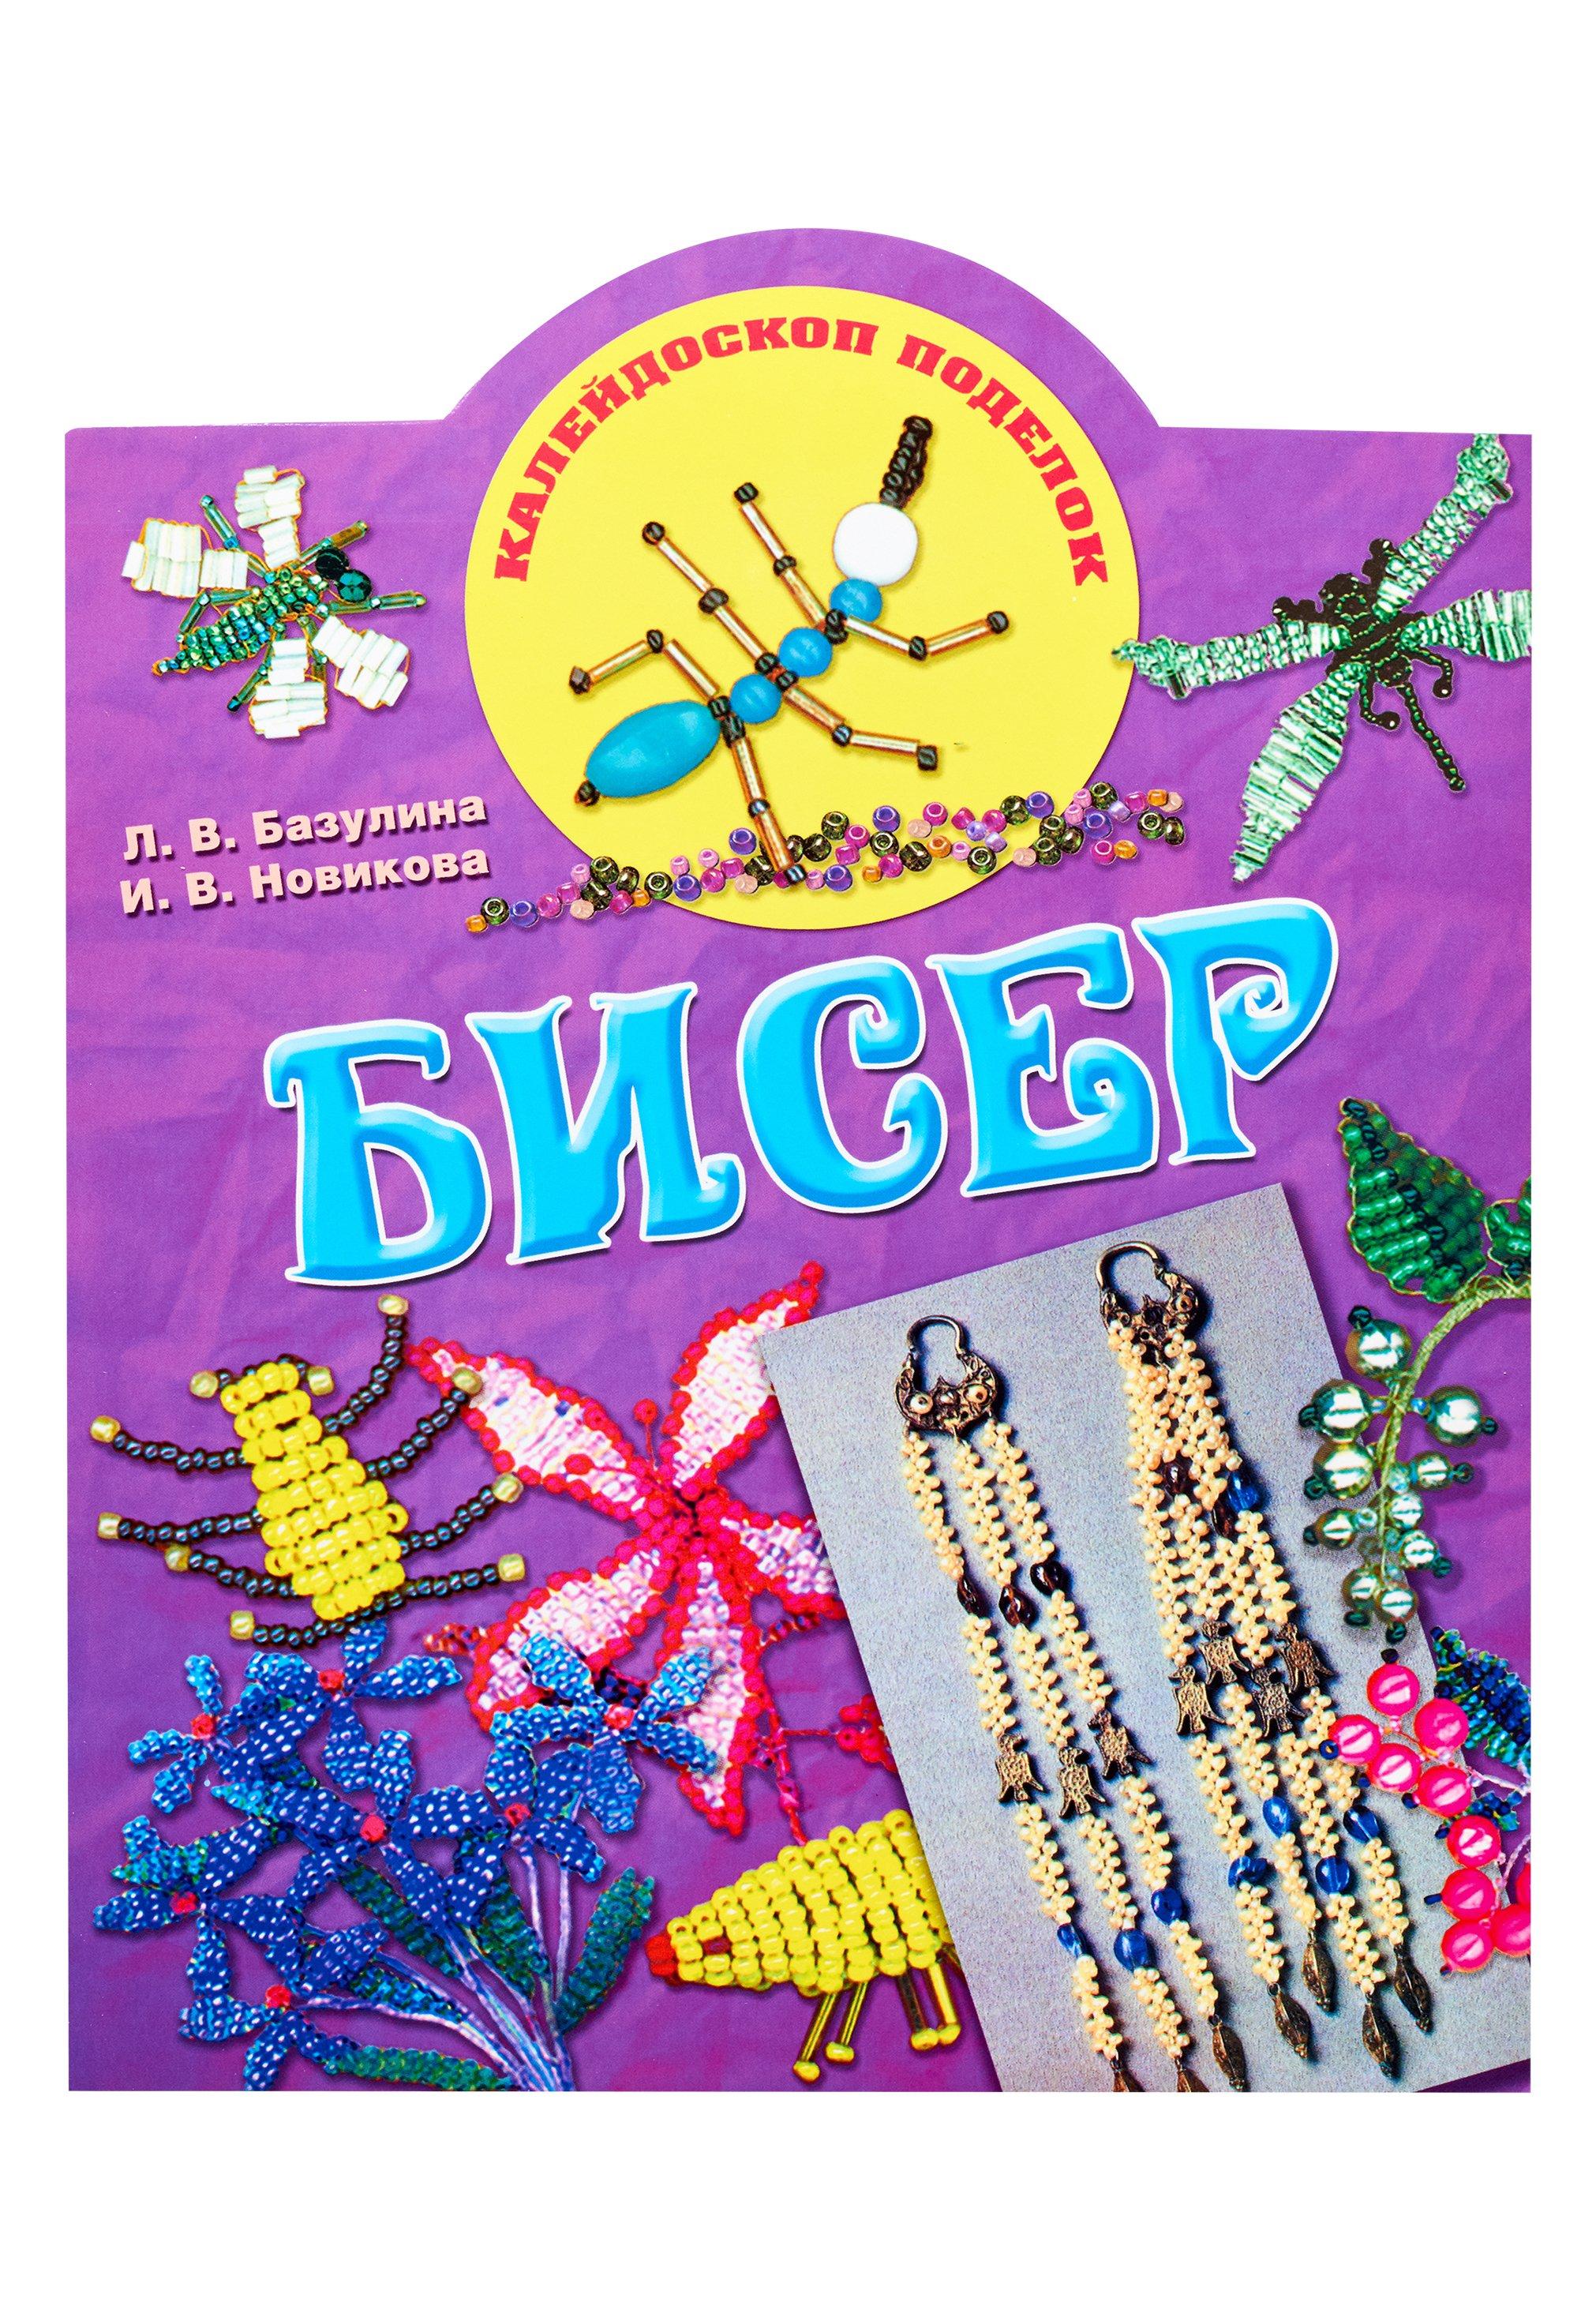 Базулина Л. В. Бисер праздничные мотивы набор карточек подробные схемы